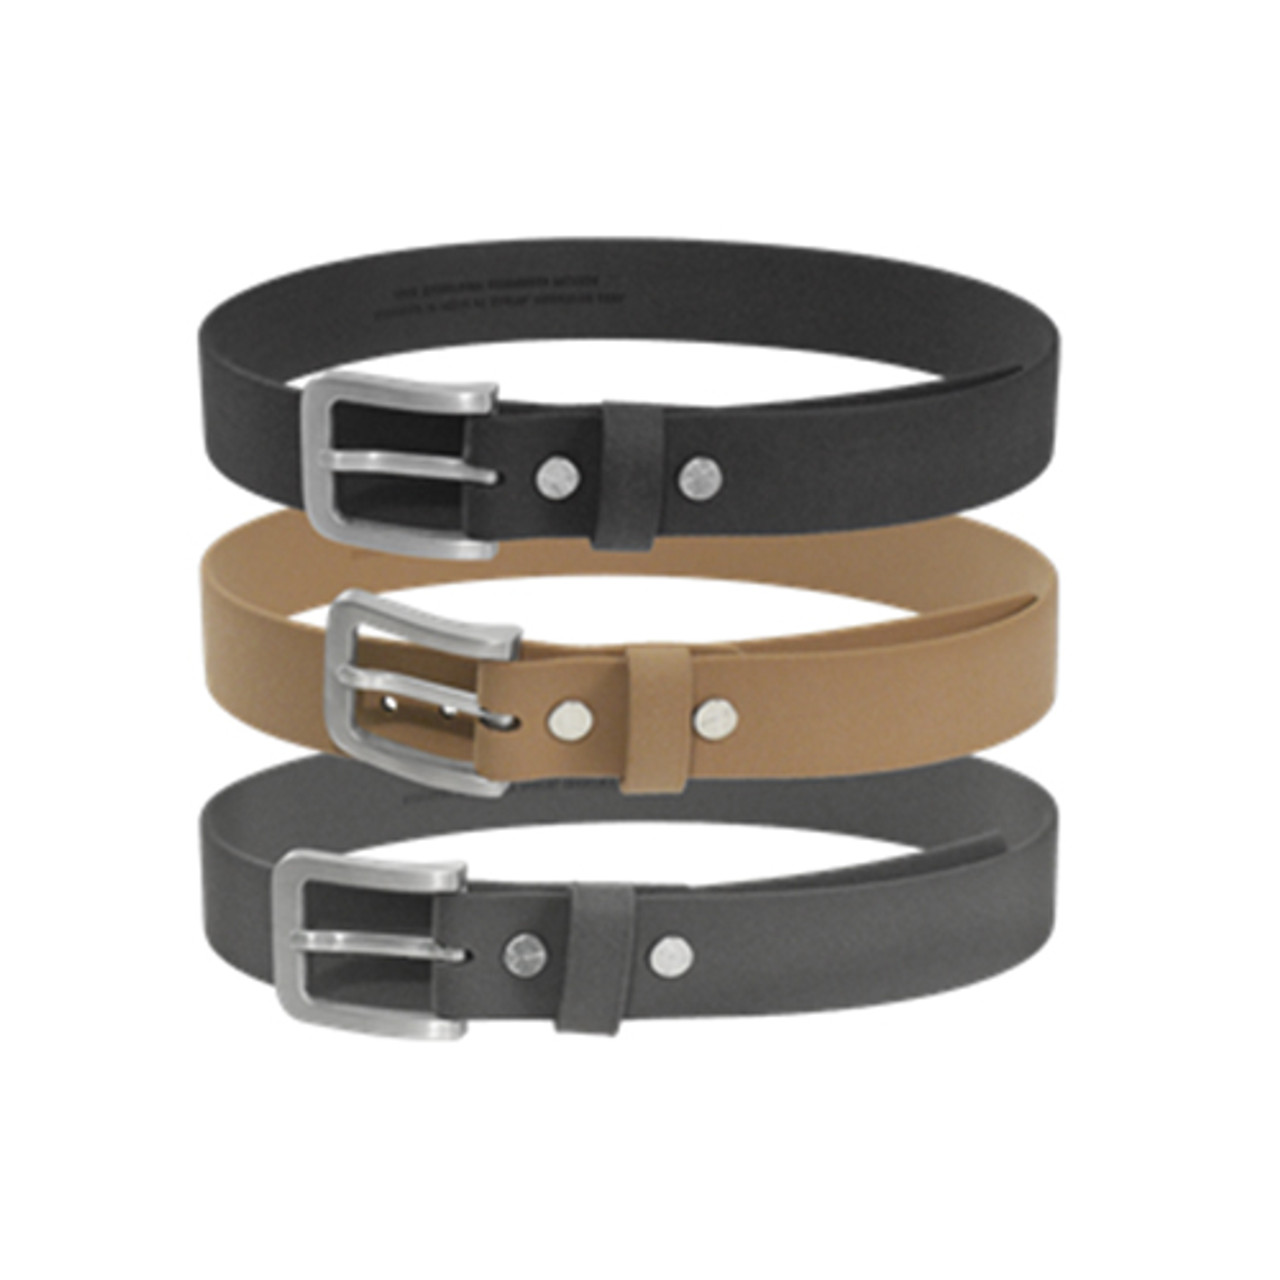 Magpul Tejas El Burro Gun Belt Polymer Black Size 40 for sale online